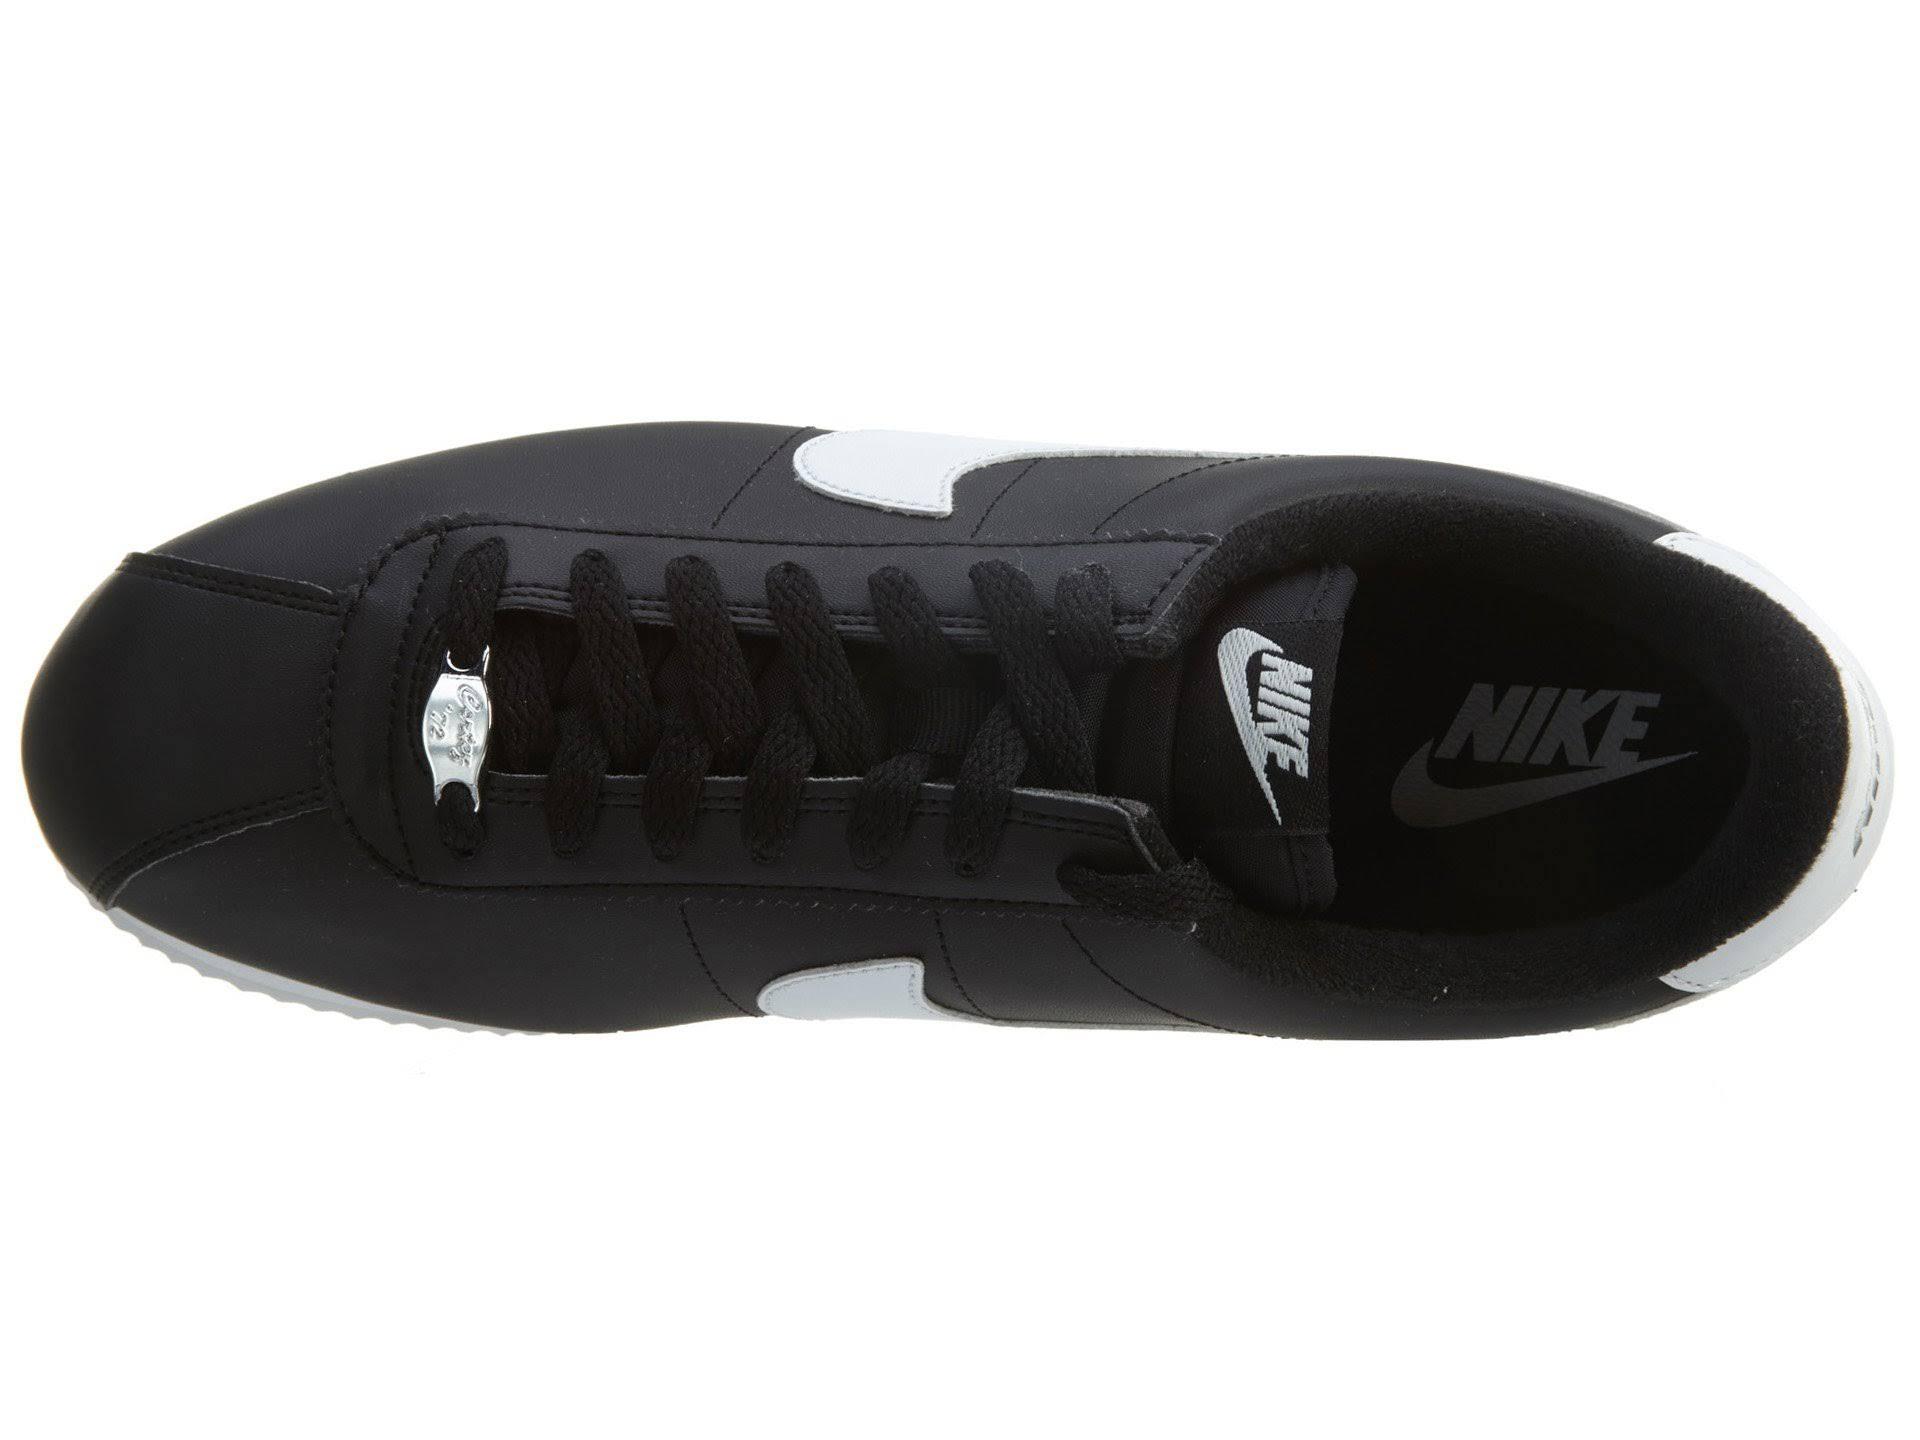 Hombre Negro Blanco Cortez 819719012 metálico Silv Zapatillas Plata Blanco Metálico Nike 7f1qp